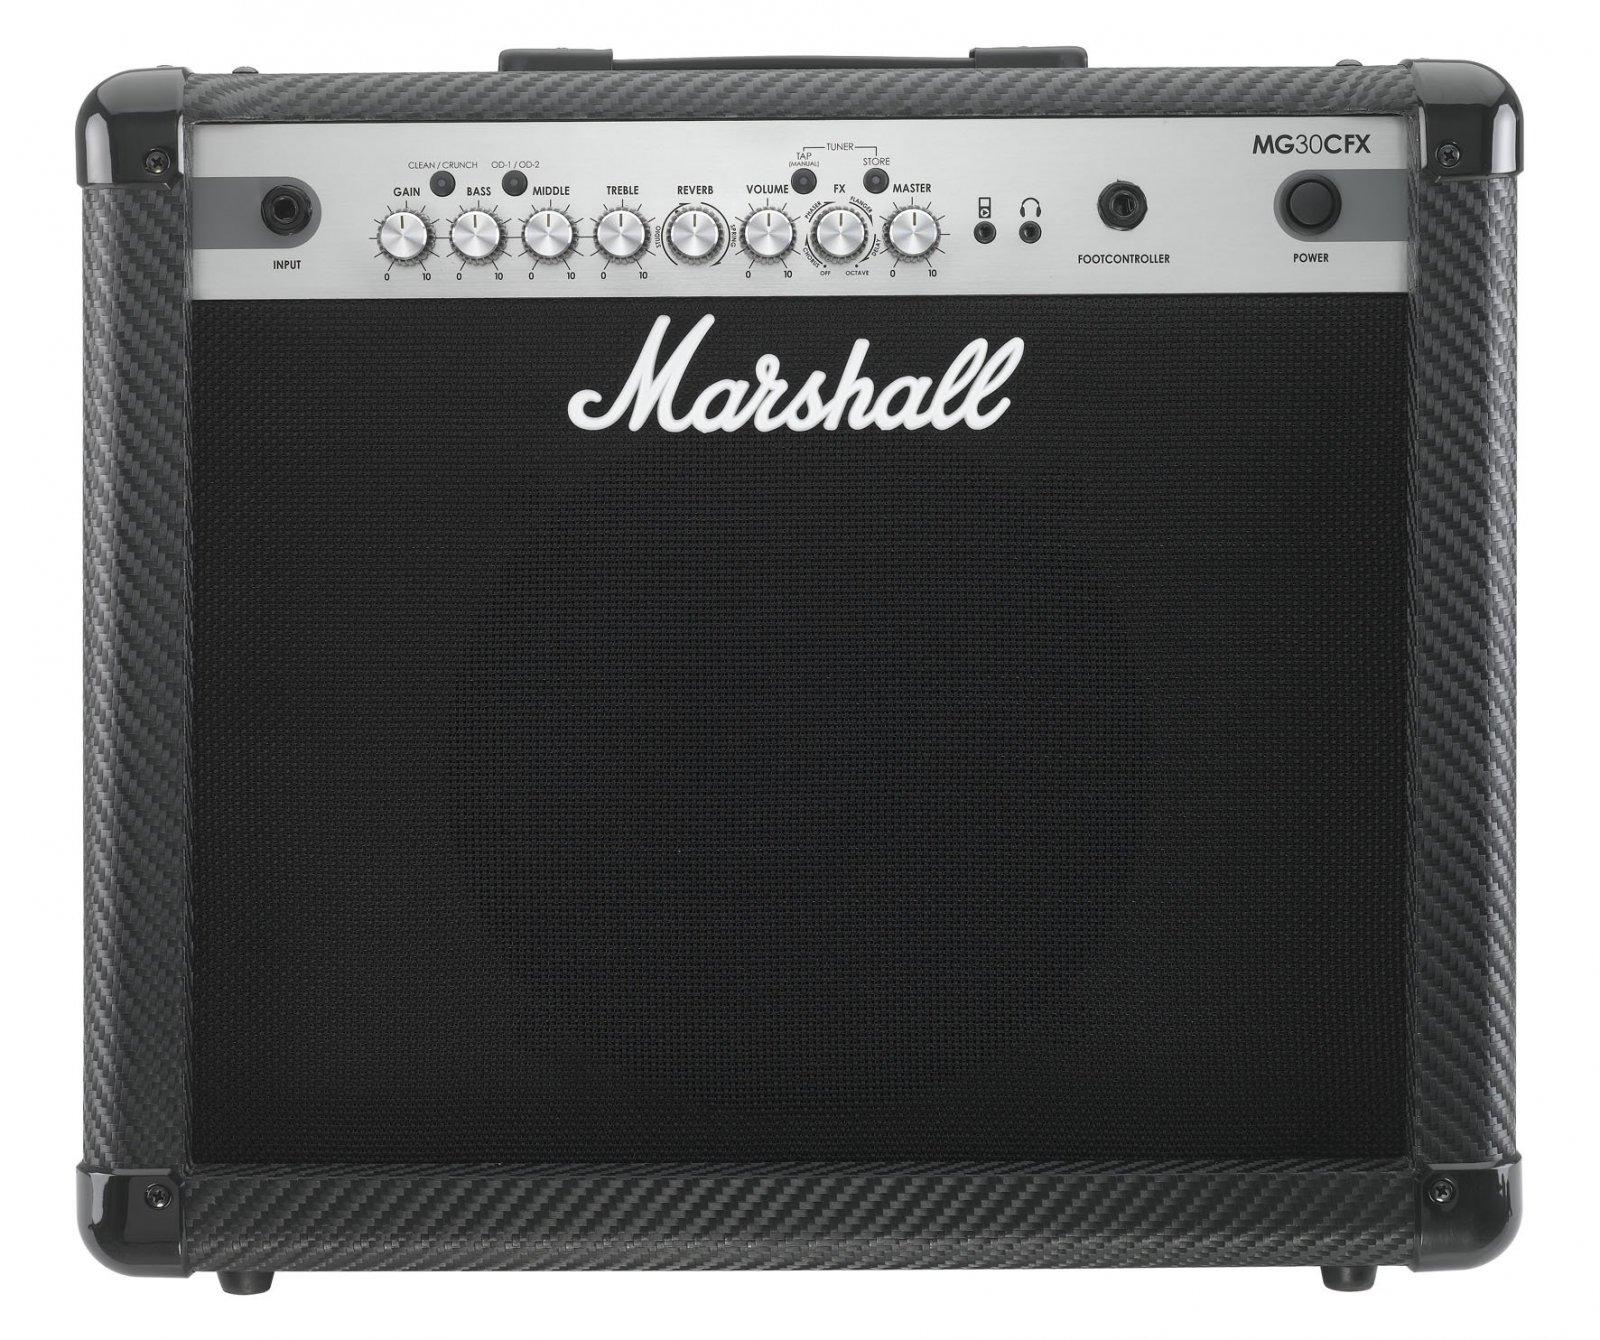 marshall-mg30cfx_1600x1600_8511